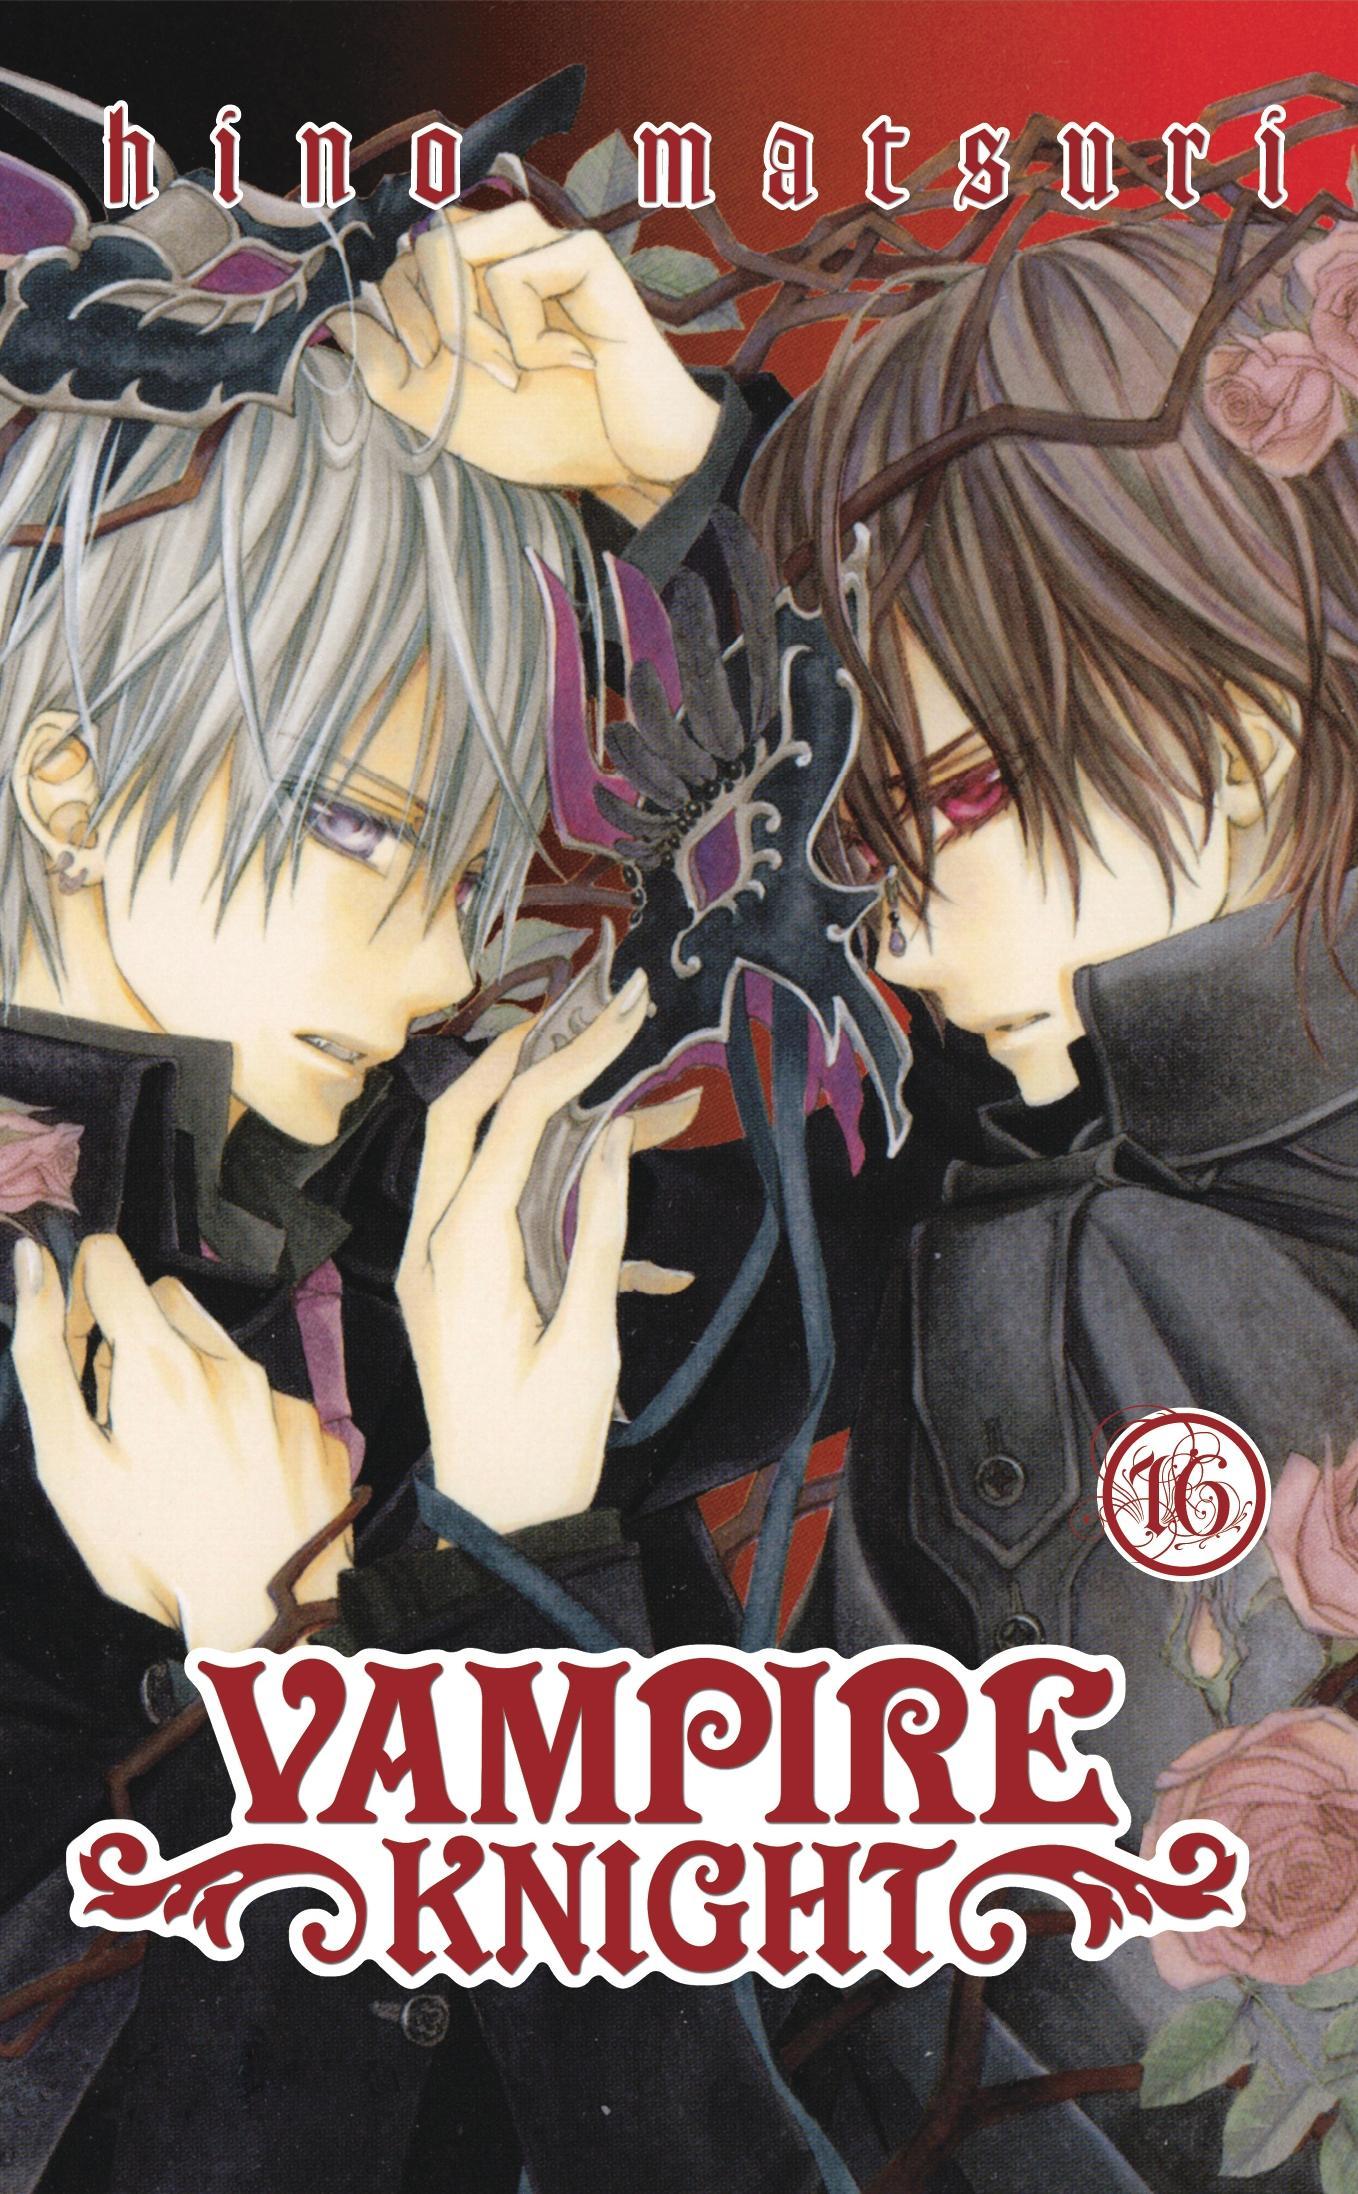 VAMPIRE KNIGHT 16.